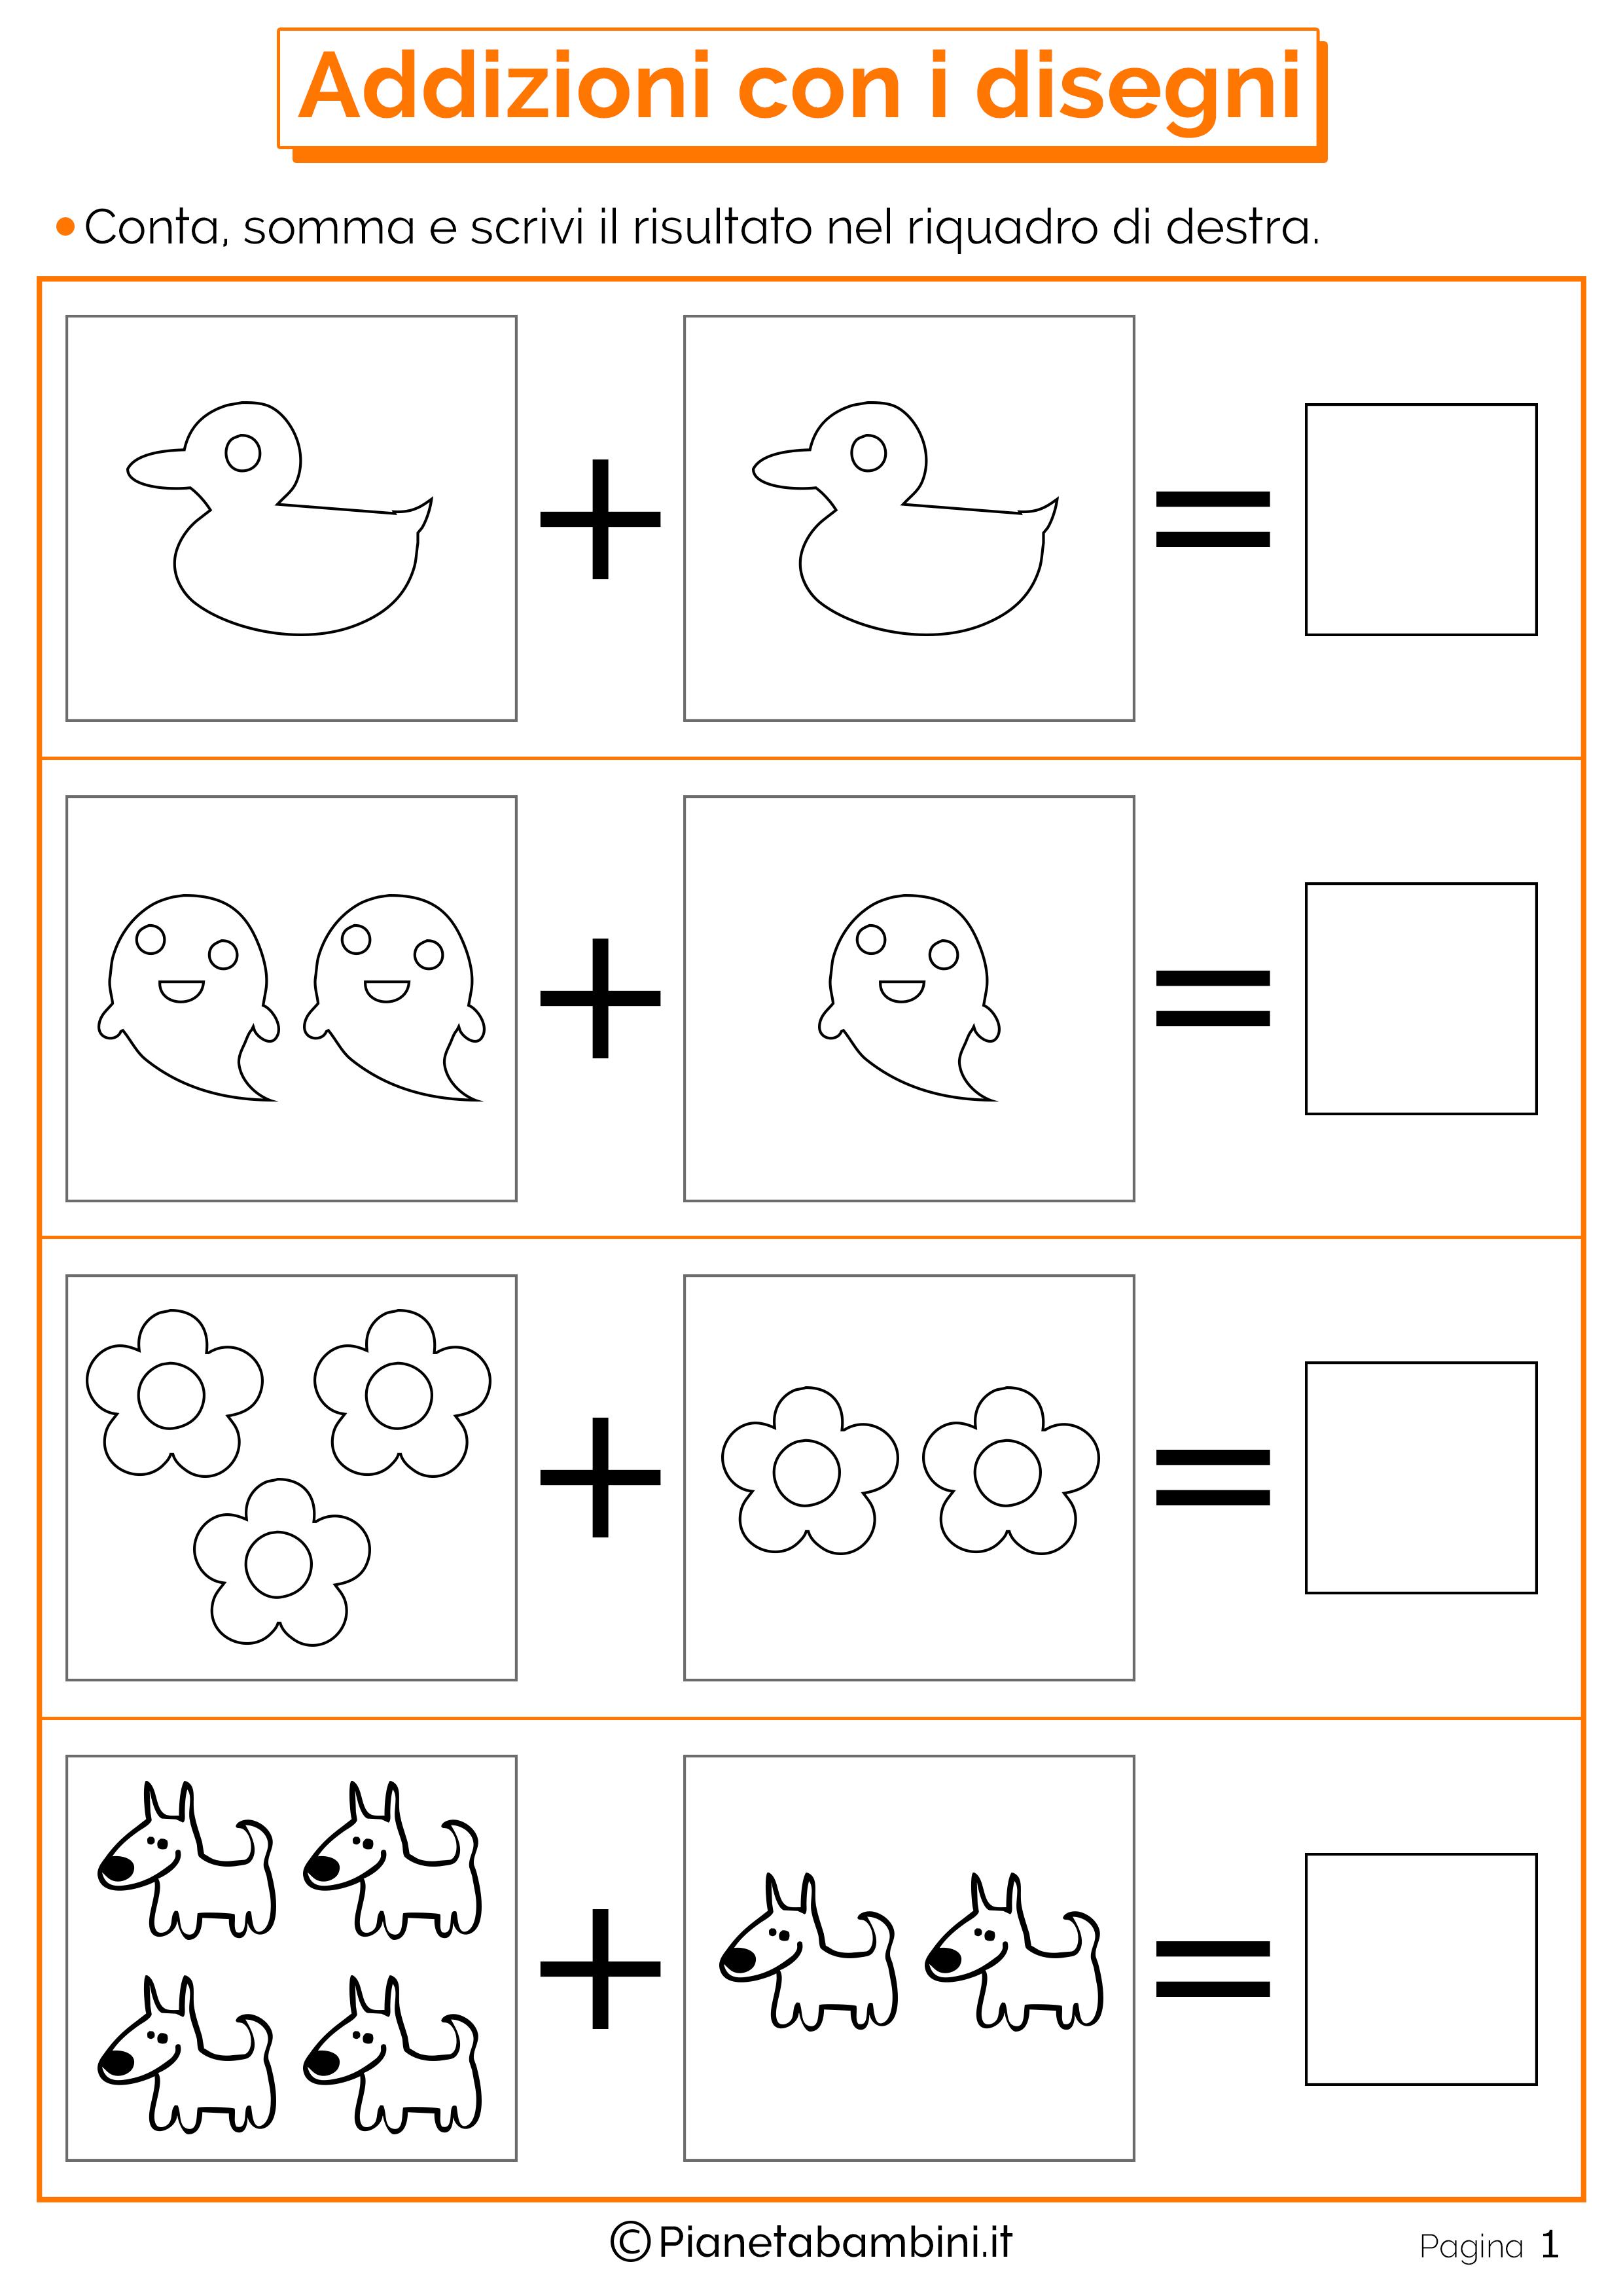 Estremamente Giochi di Matematica sulle Addizioni per Bambini da Stampare  AV35